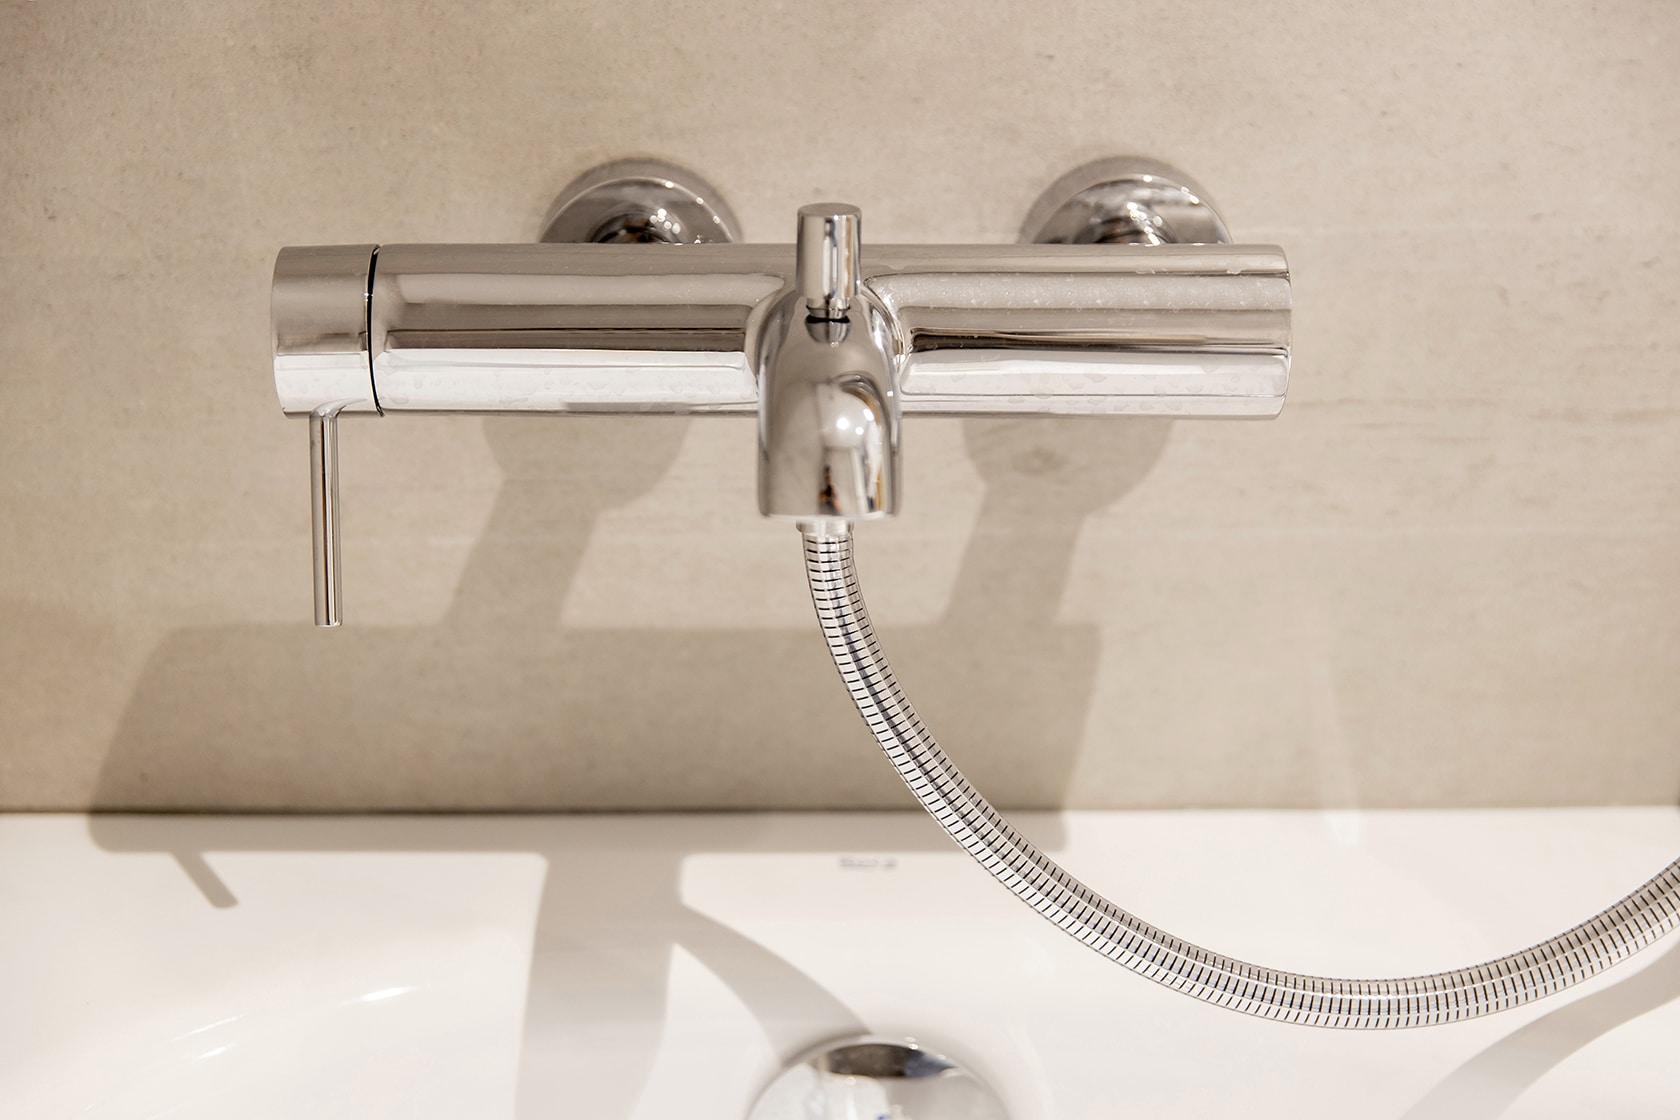 Grifería de la ducha